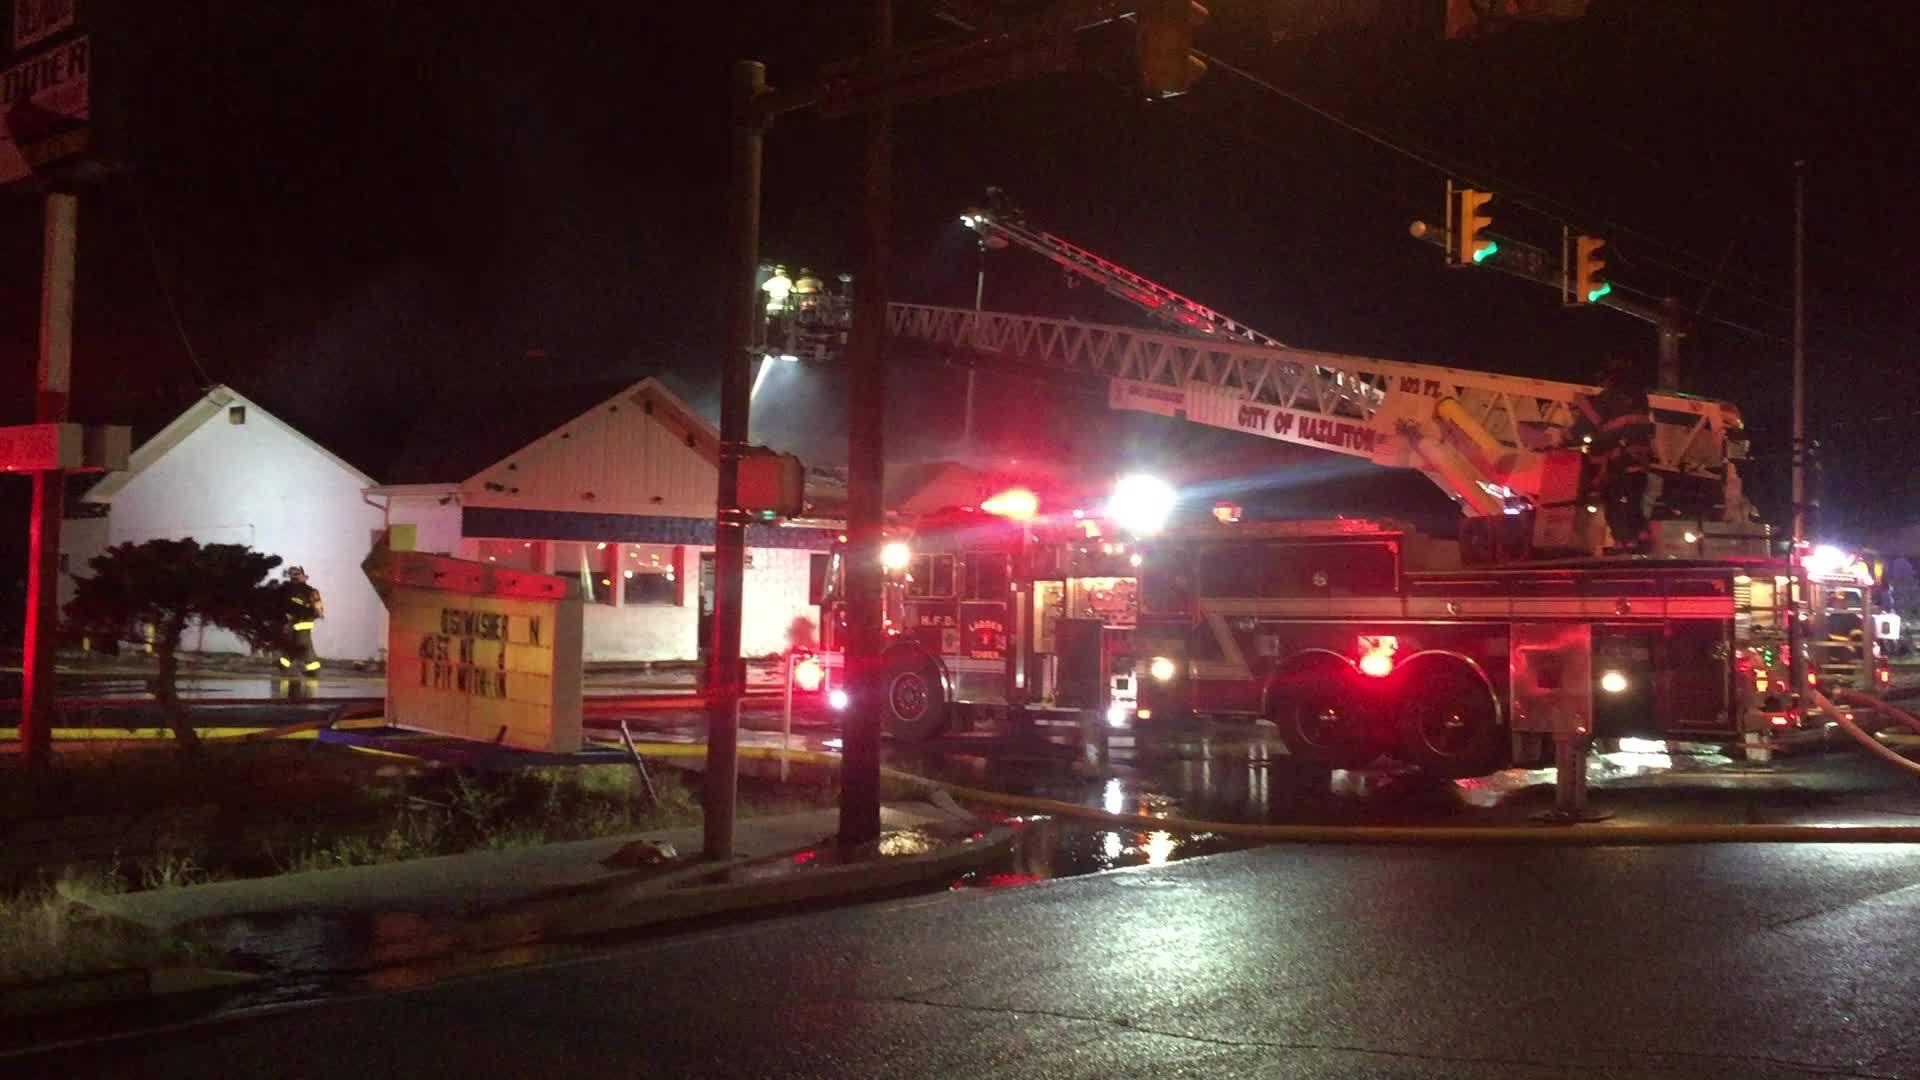 Beltway Diner Fire